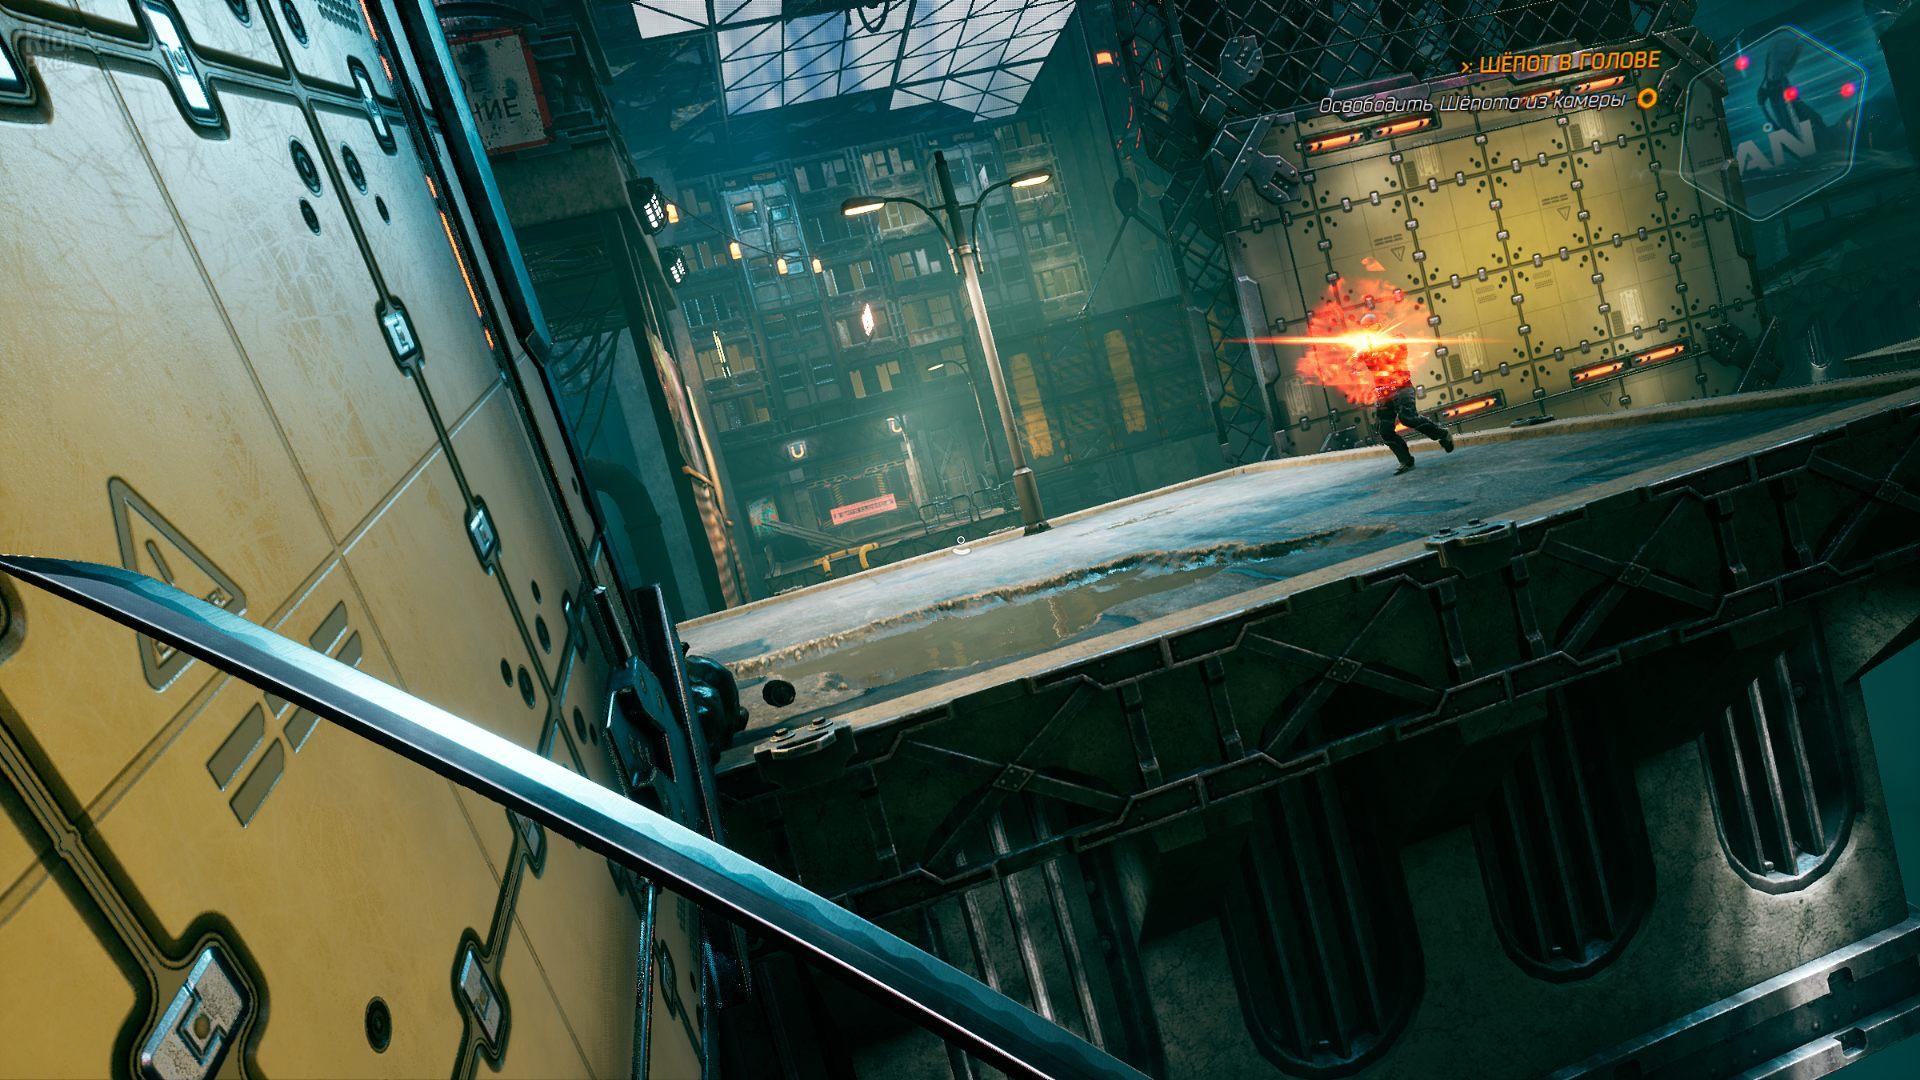 Ghostrunner - game screenshots at Riot Pixels, images